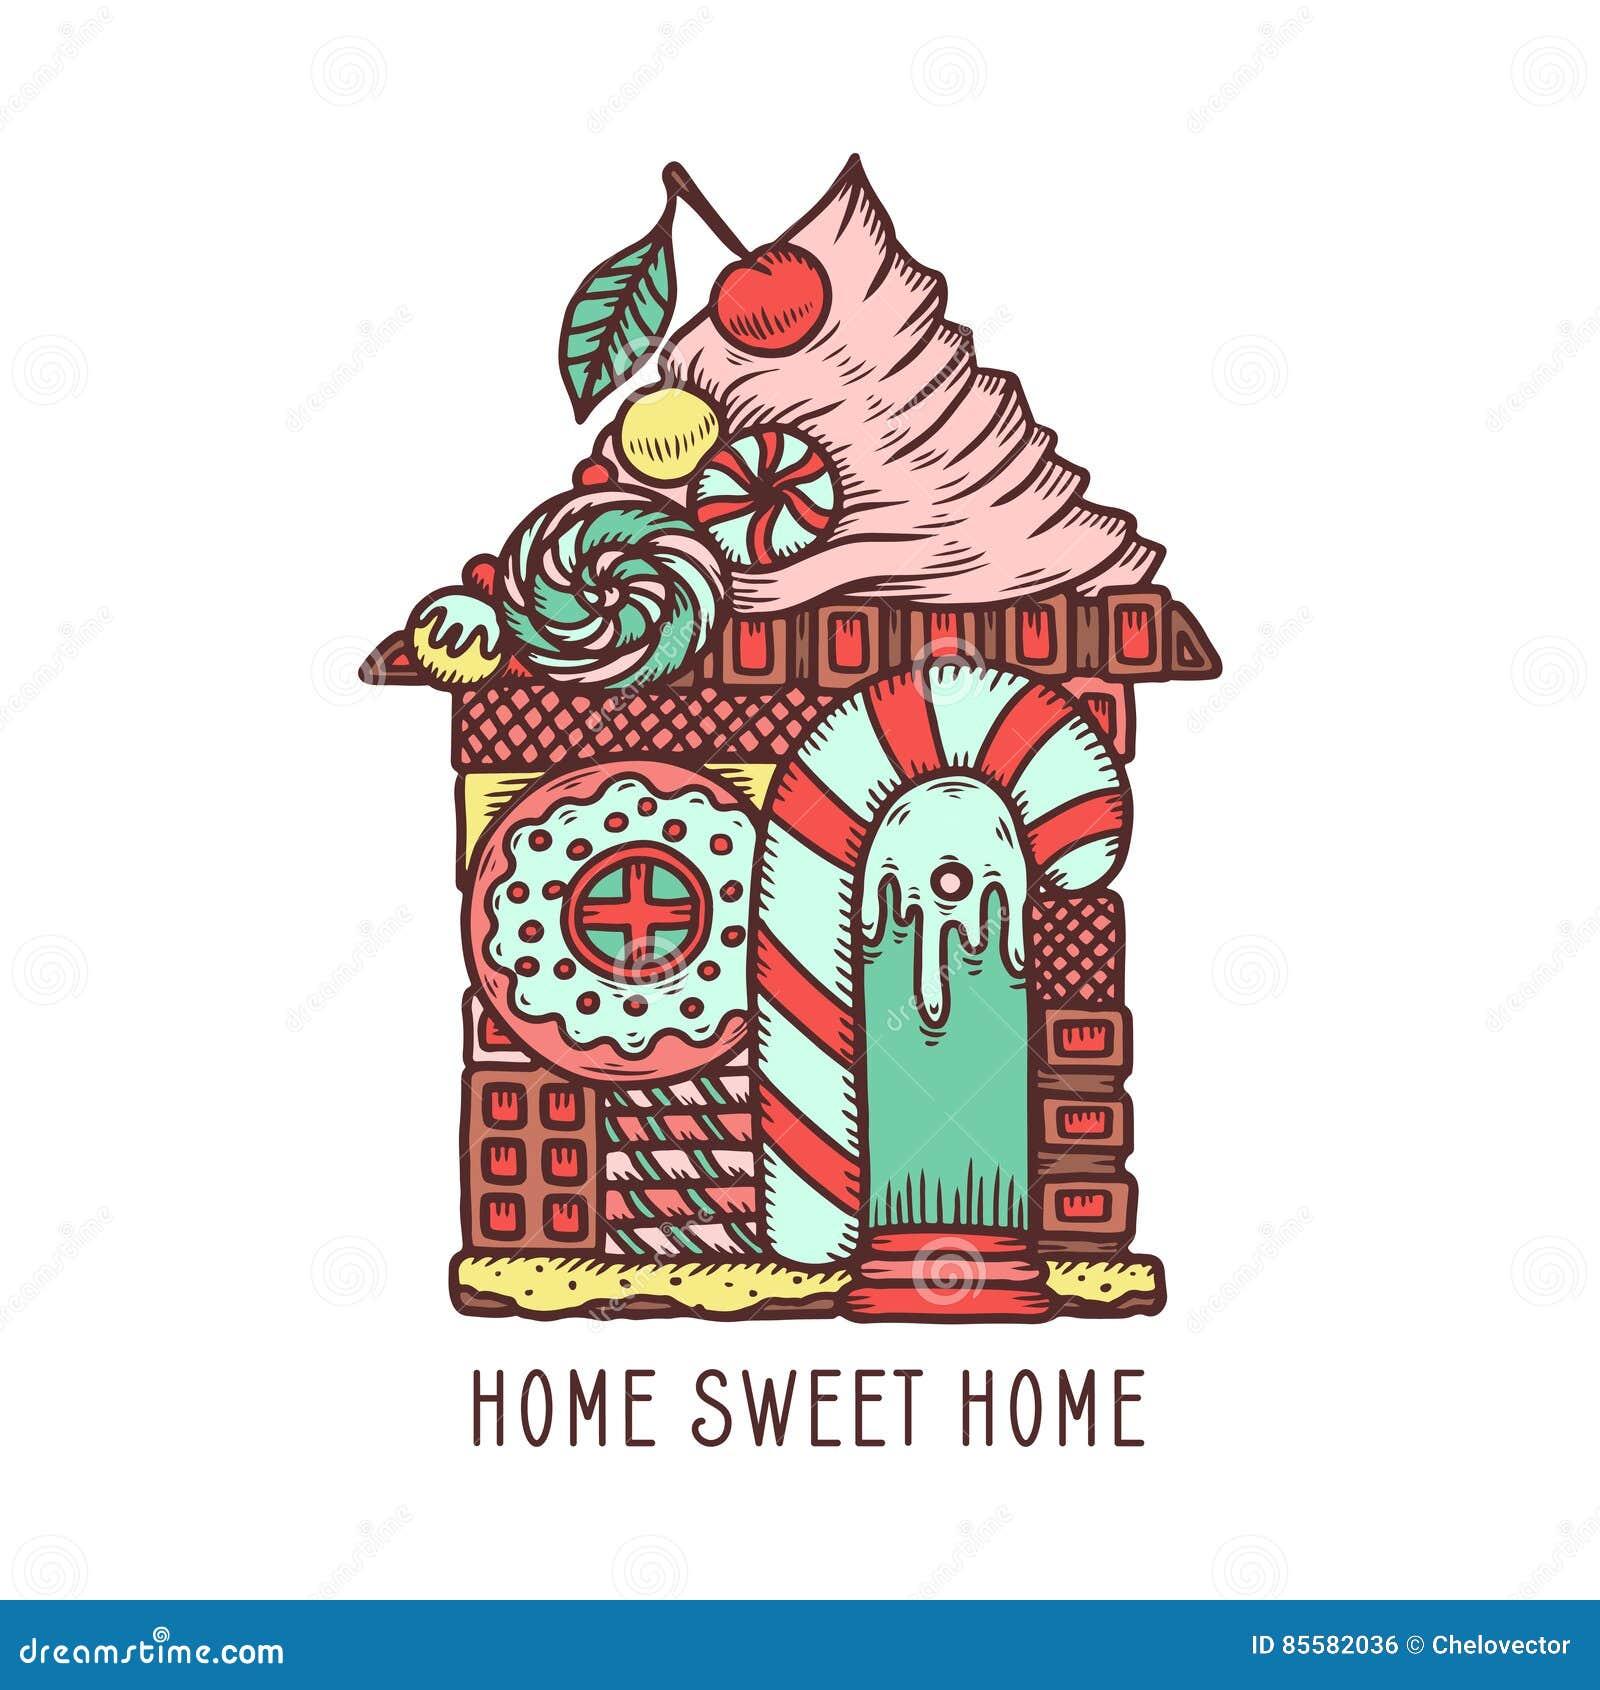 Home Sweet Home Hand Drawn Poster Vector Vintage Illustration Stock Vector Illustration Of Emblem Dessert 85582036